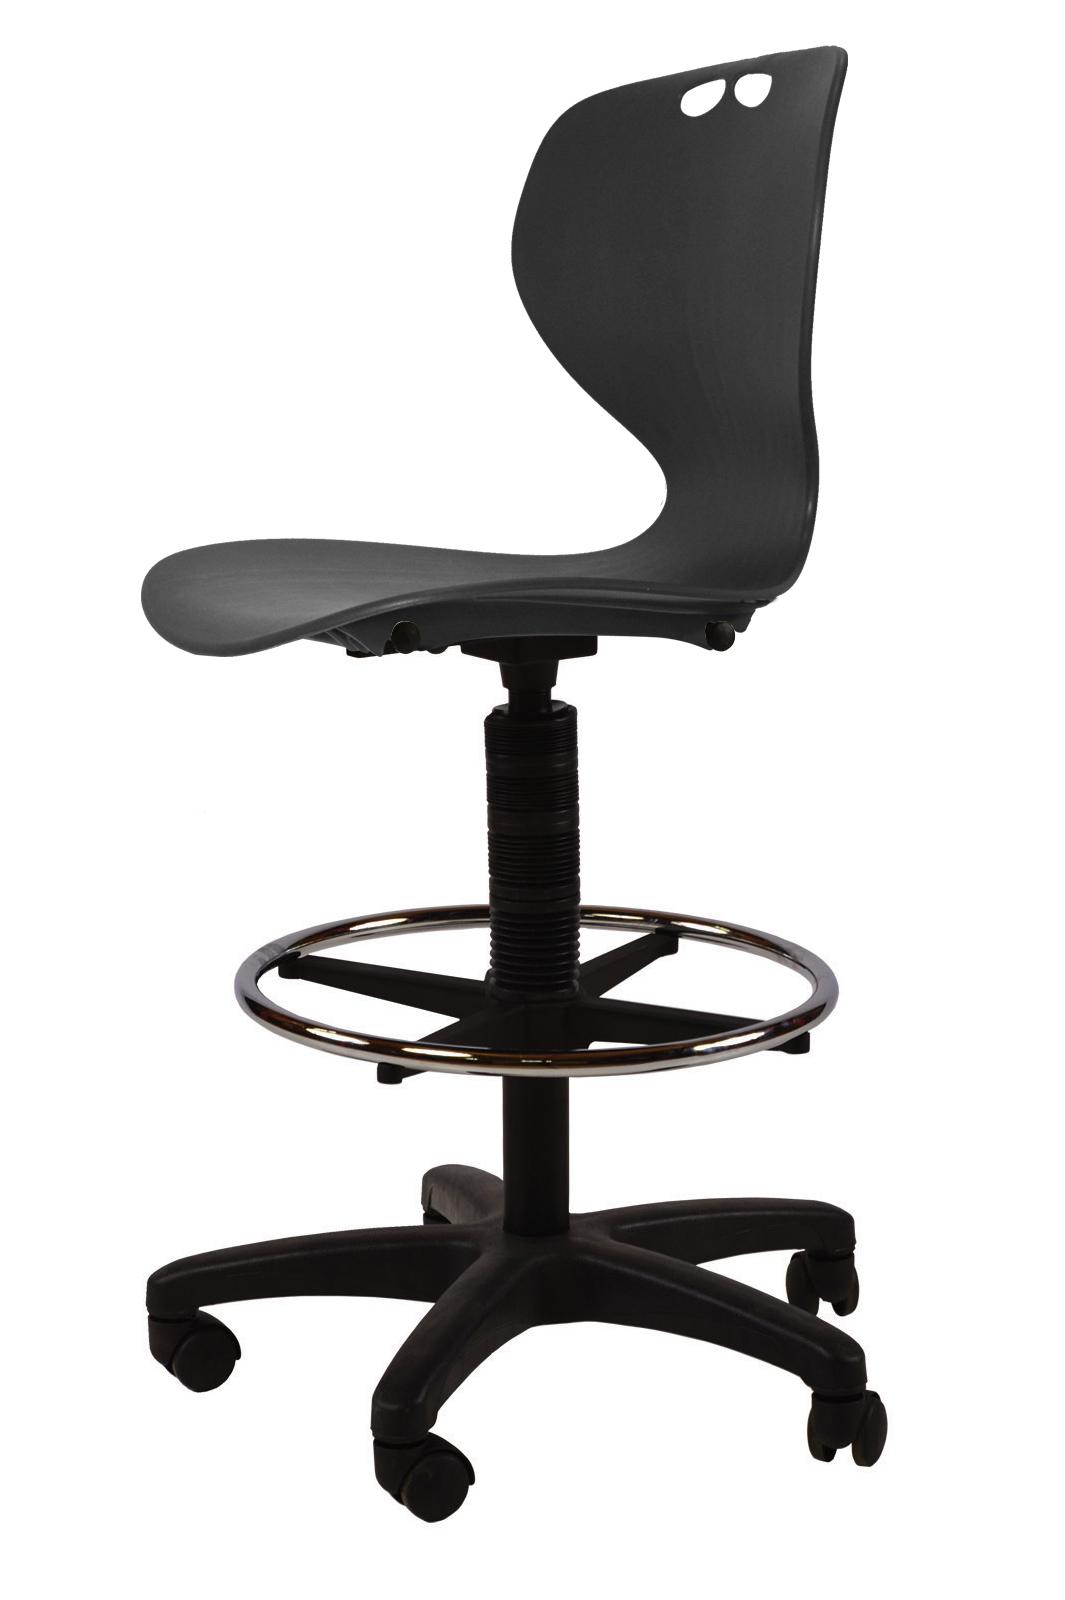 Mata Drafting Chair